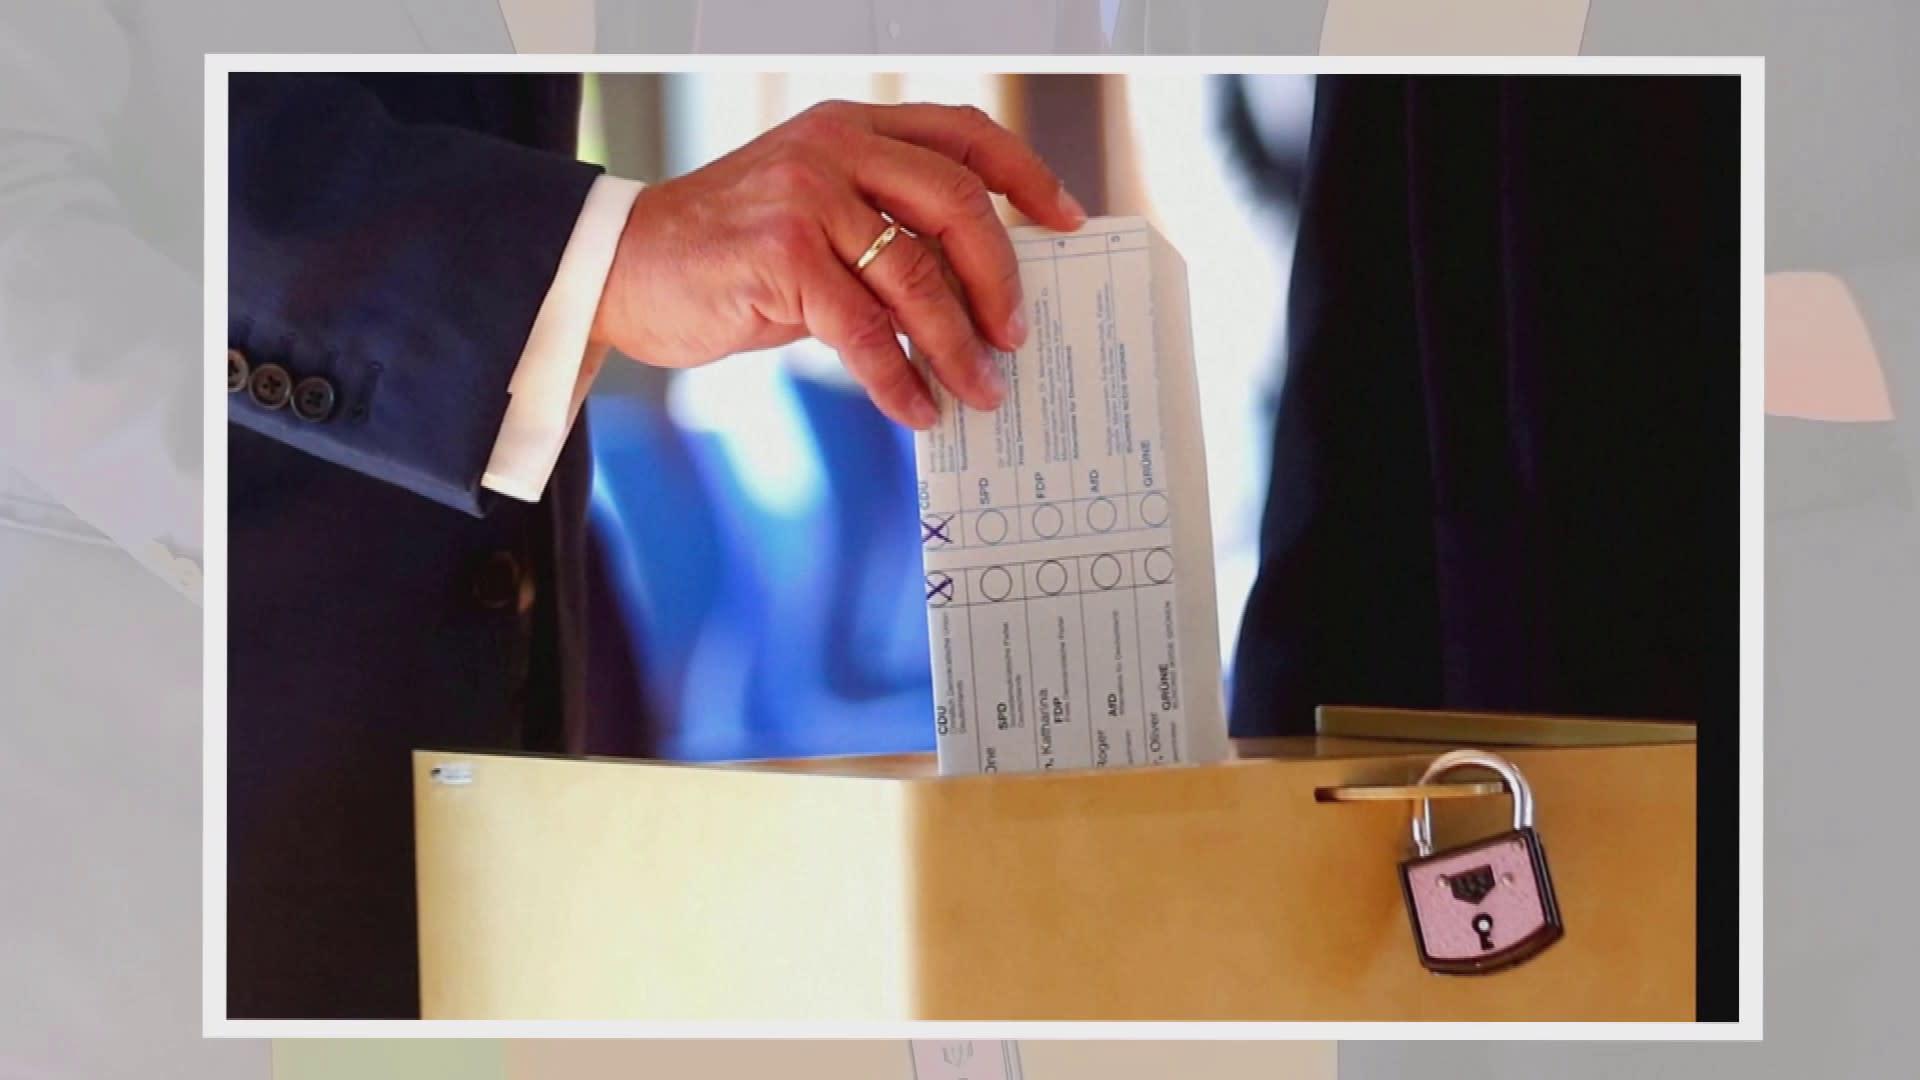 Kristillisdemokraattisen unionin CDU:n Armin Laschetin äänestysmerkintä paljastui uutiskuvissa